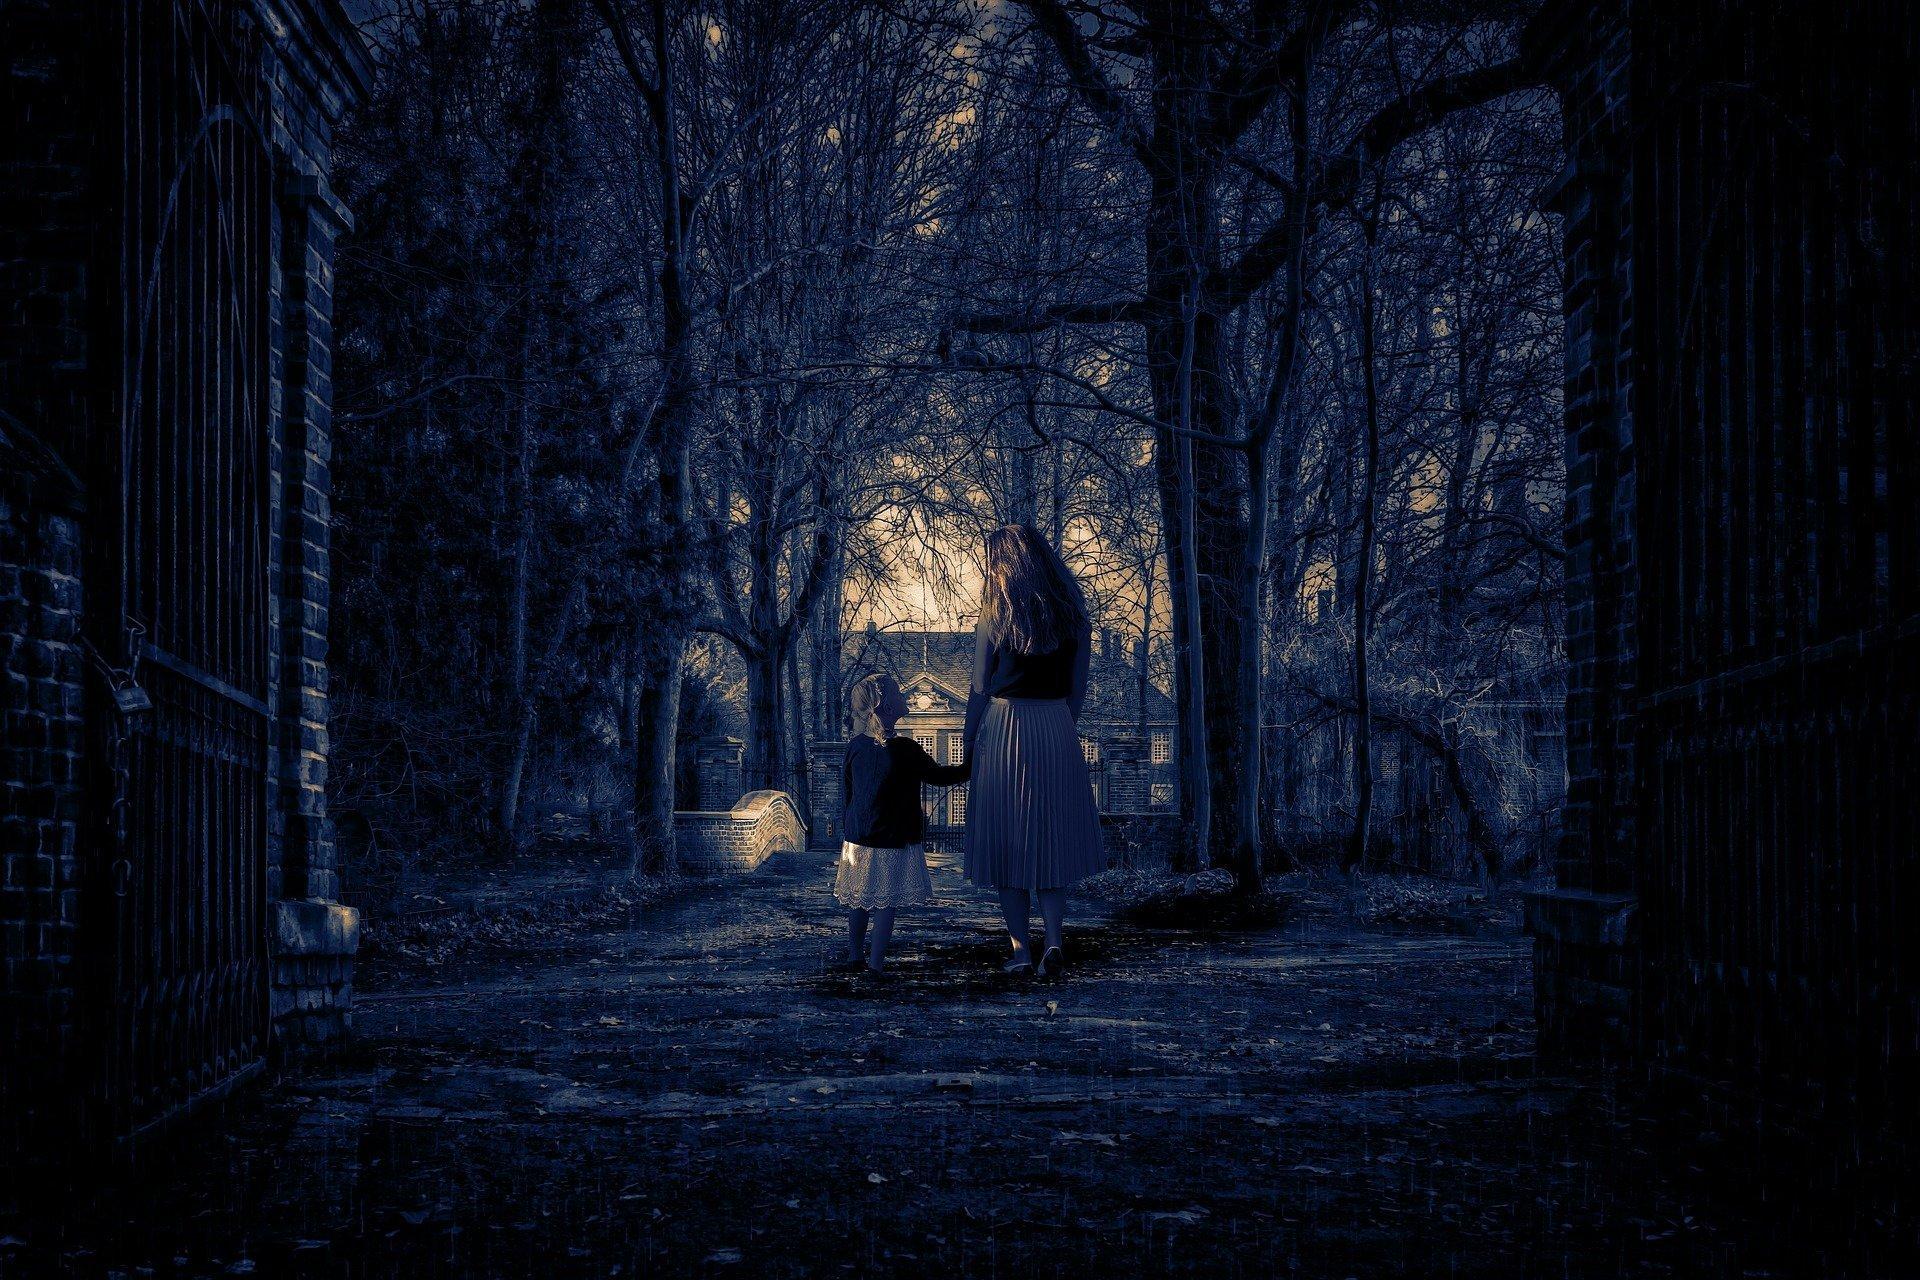 di notte uma donna per mano ad una bambina attraversano un sentiero con alberi andando verso un'abitaizone